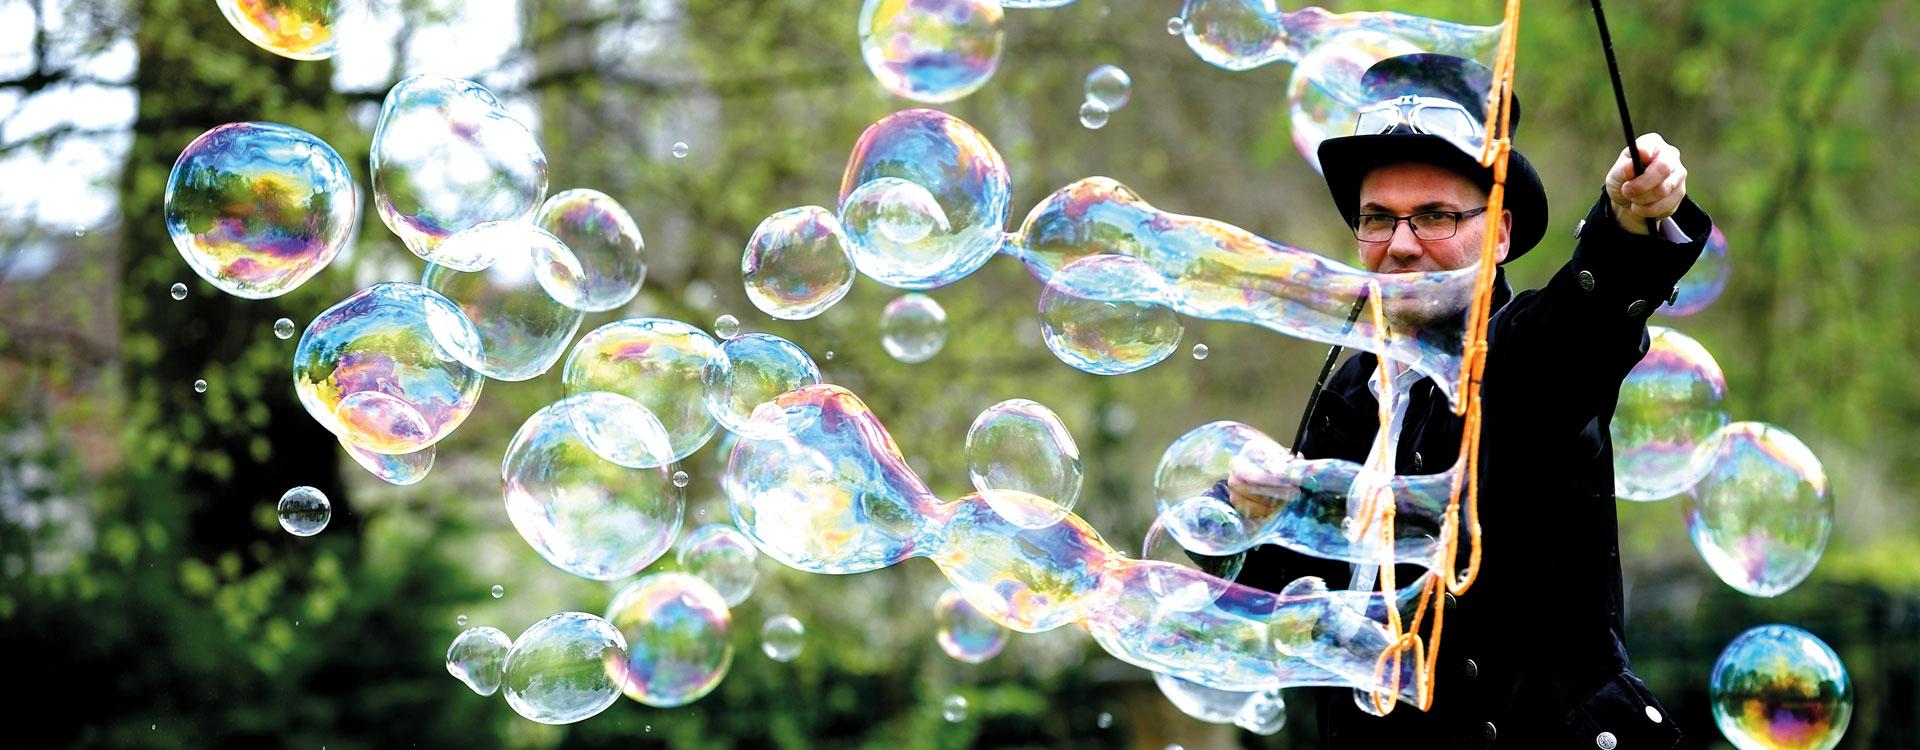 animations belles bulles de savons